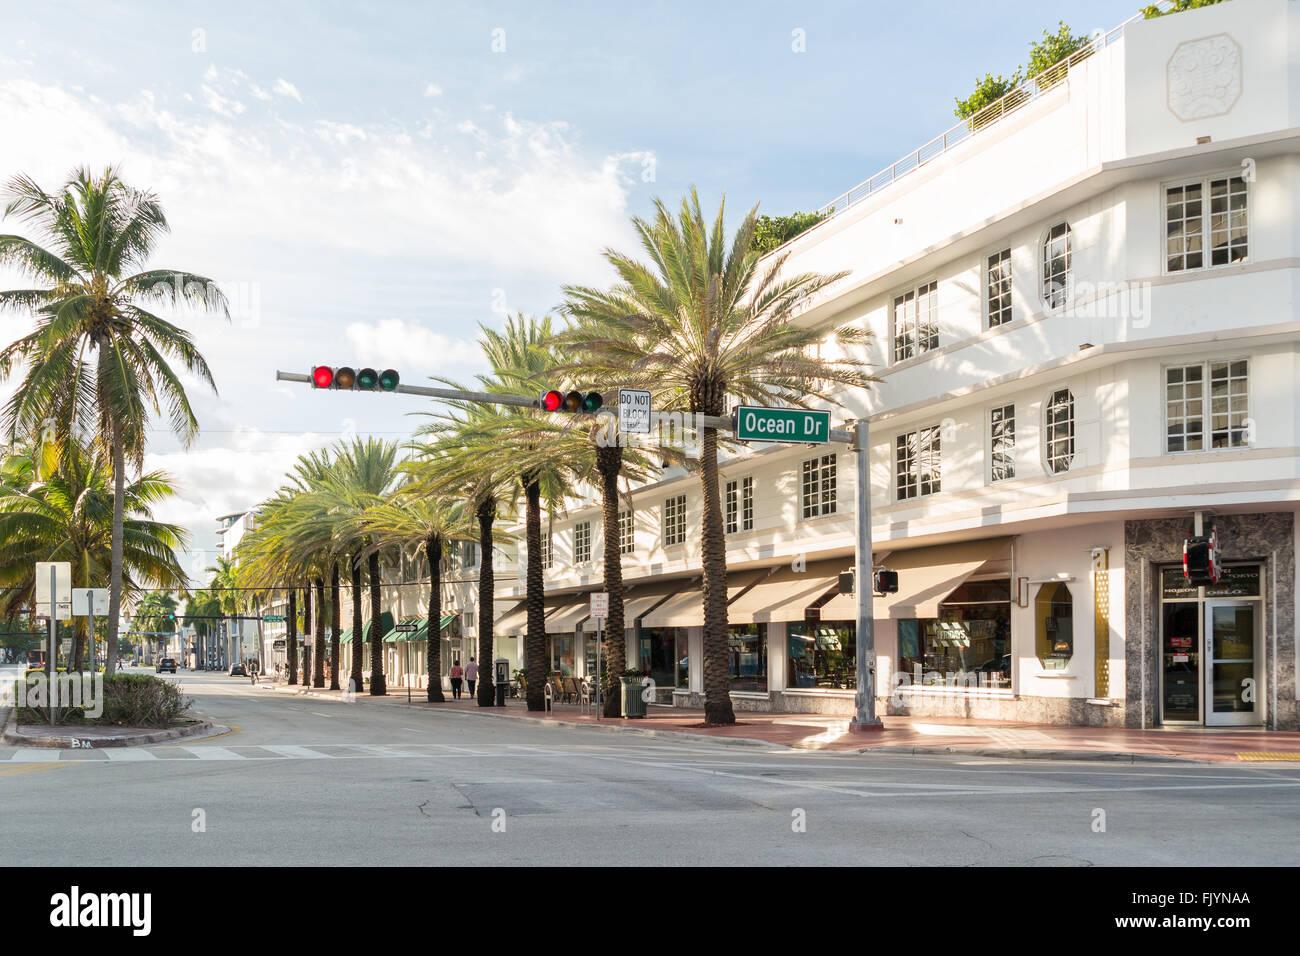 Visualizzazione angolo di Ocean Drive e la quinta strada a South Beach di Miami Beach, Florida, Stati Uniti d'America Immagini Stock